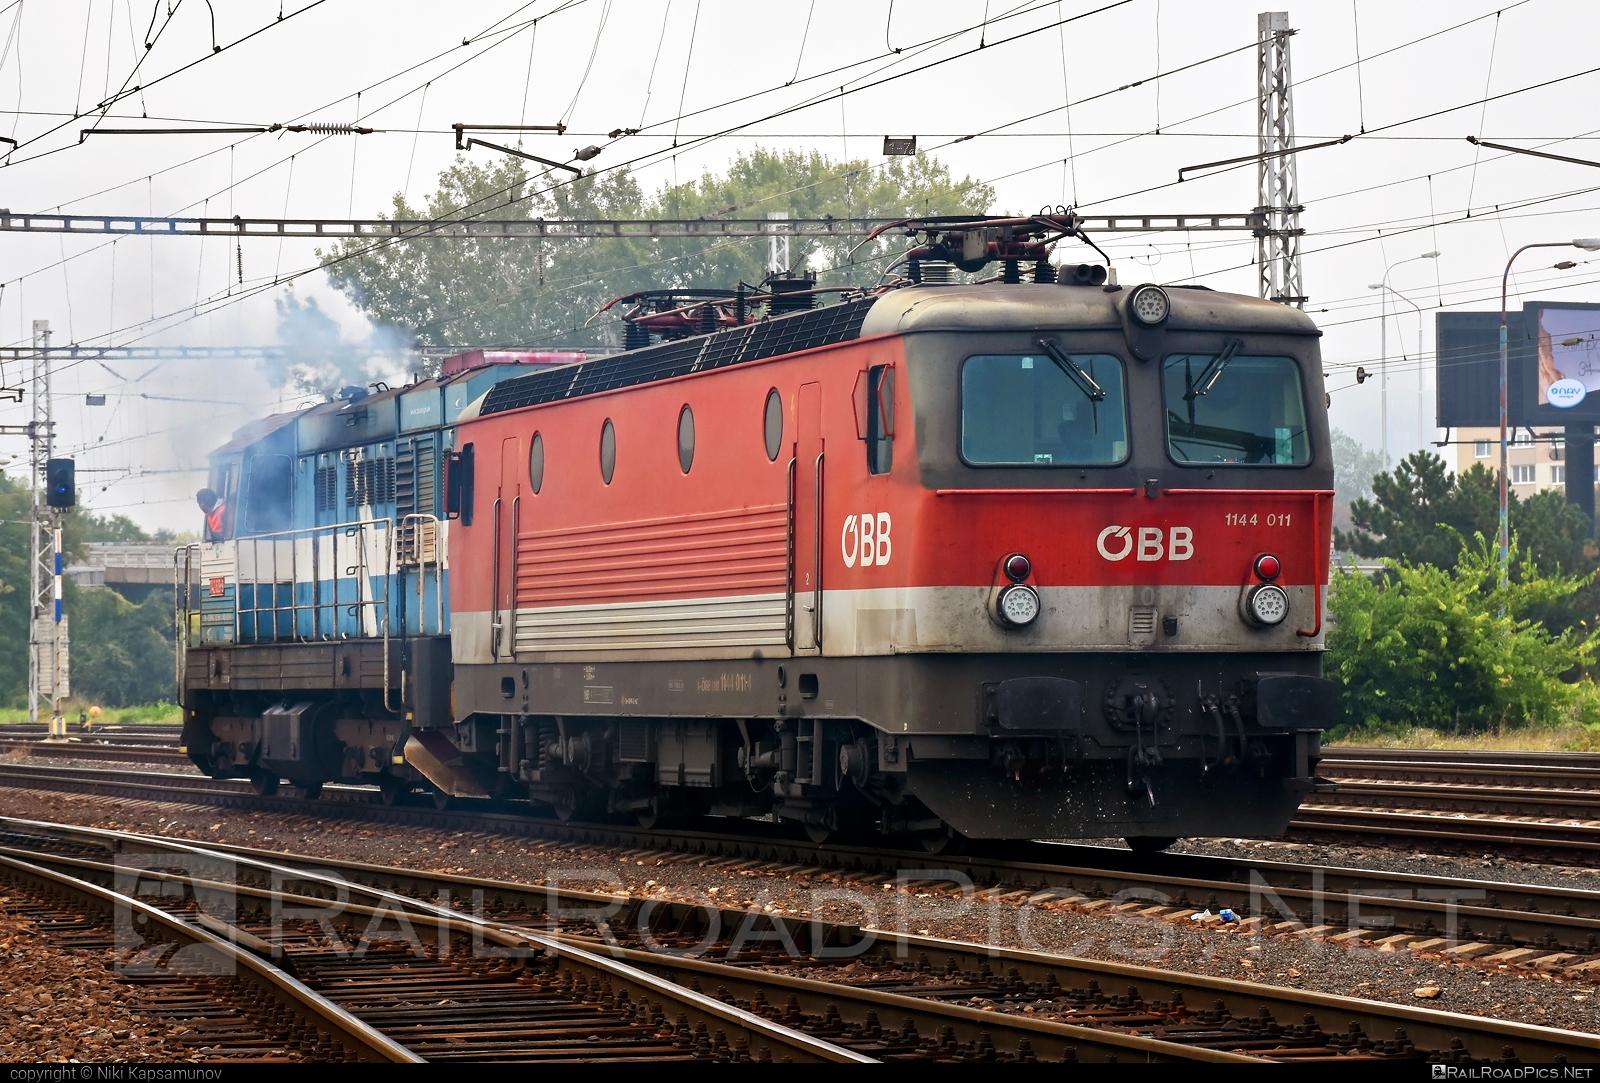 SGP ÖBB Class 1144 - 1144 011 operated by Rail Cargo Austria AG #obb #obbclass1144 #osterreichischebundesbahnen #sgp #sgp1144 #simmeringgrazpauker